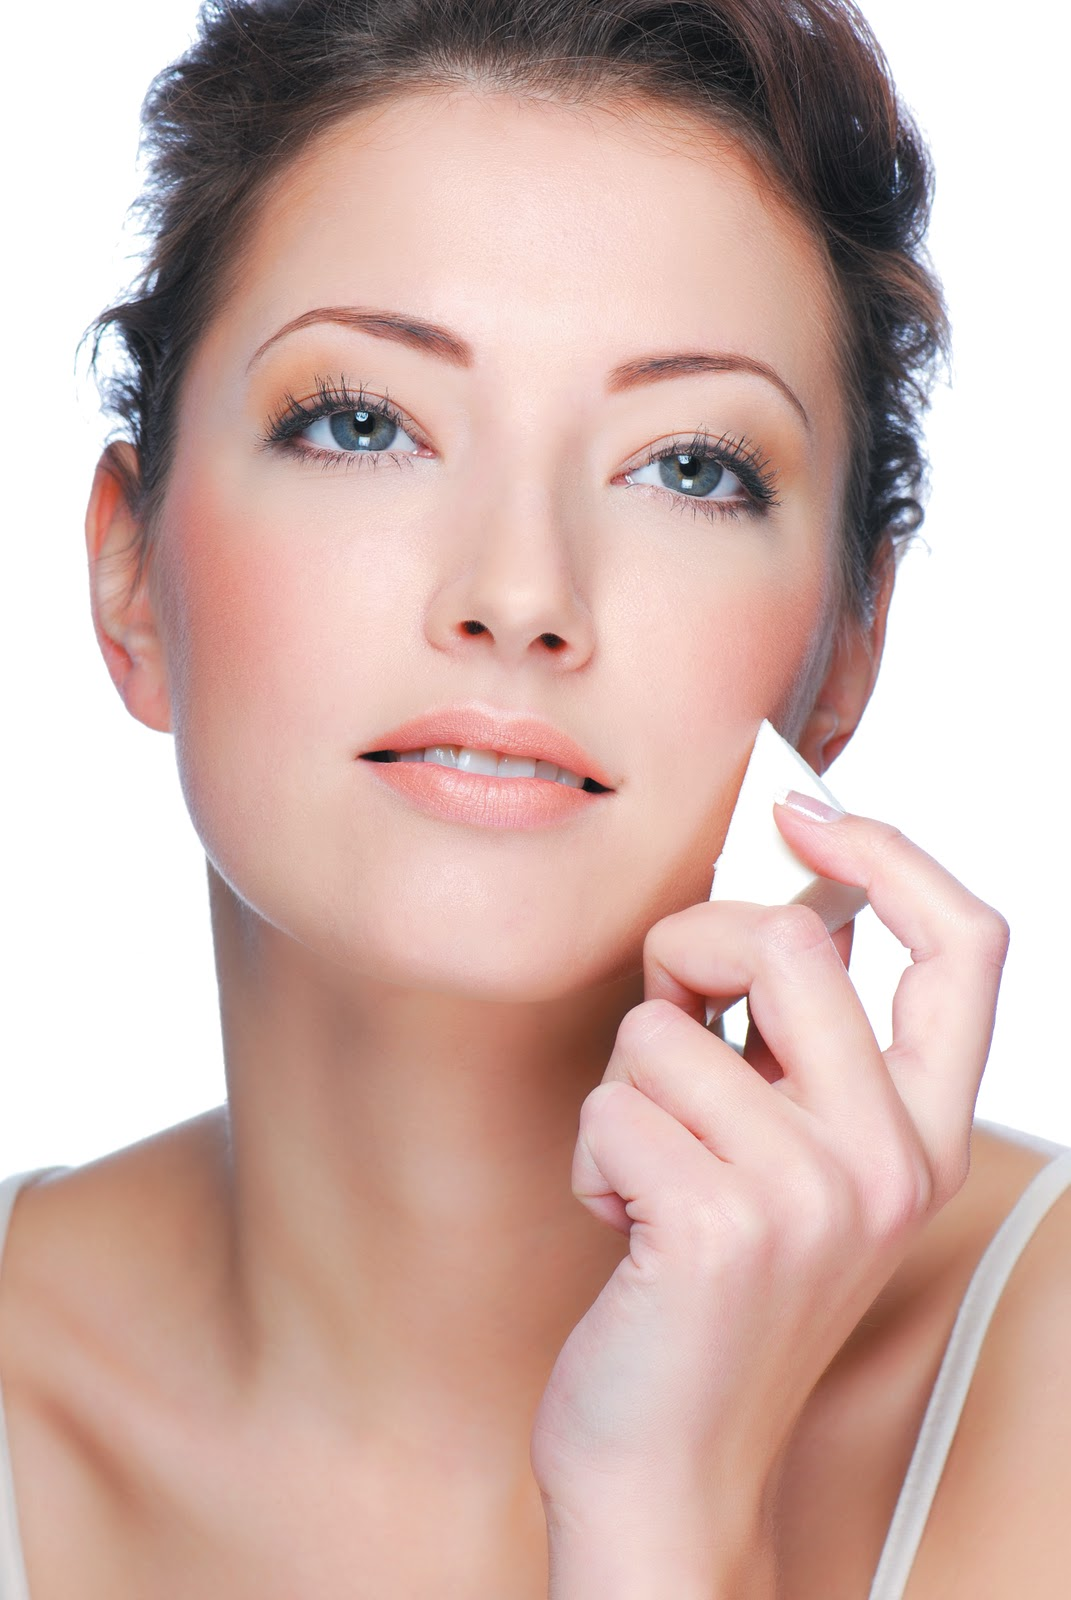 Costos de rejuvenecimiento facial